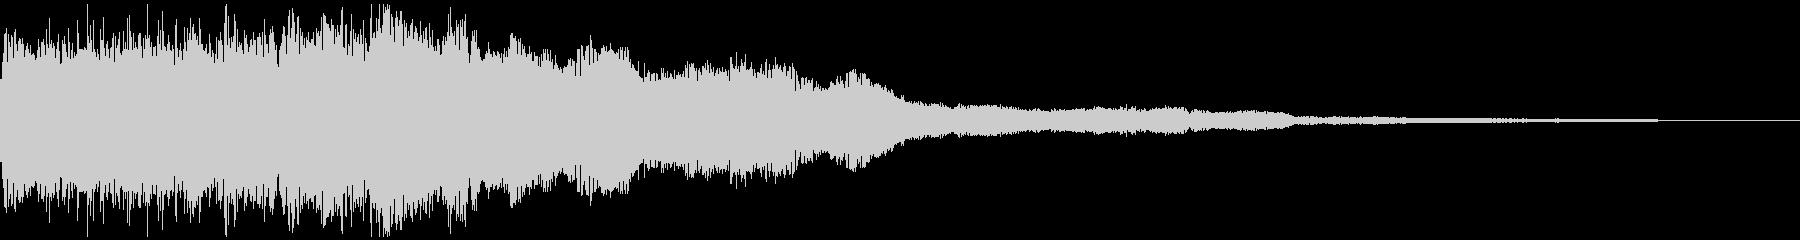 ファーーン! ホーンの音 スタート音の未再生の波形